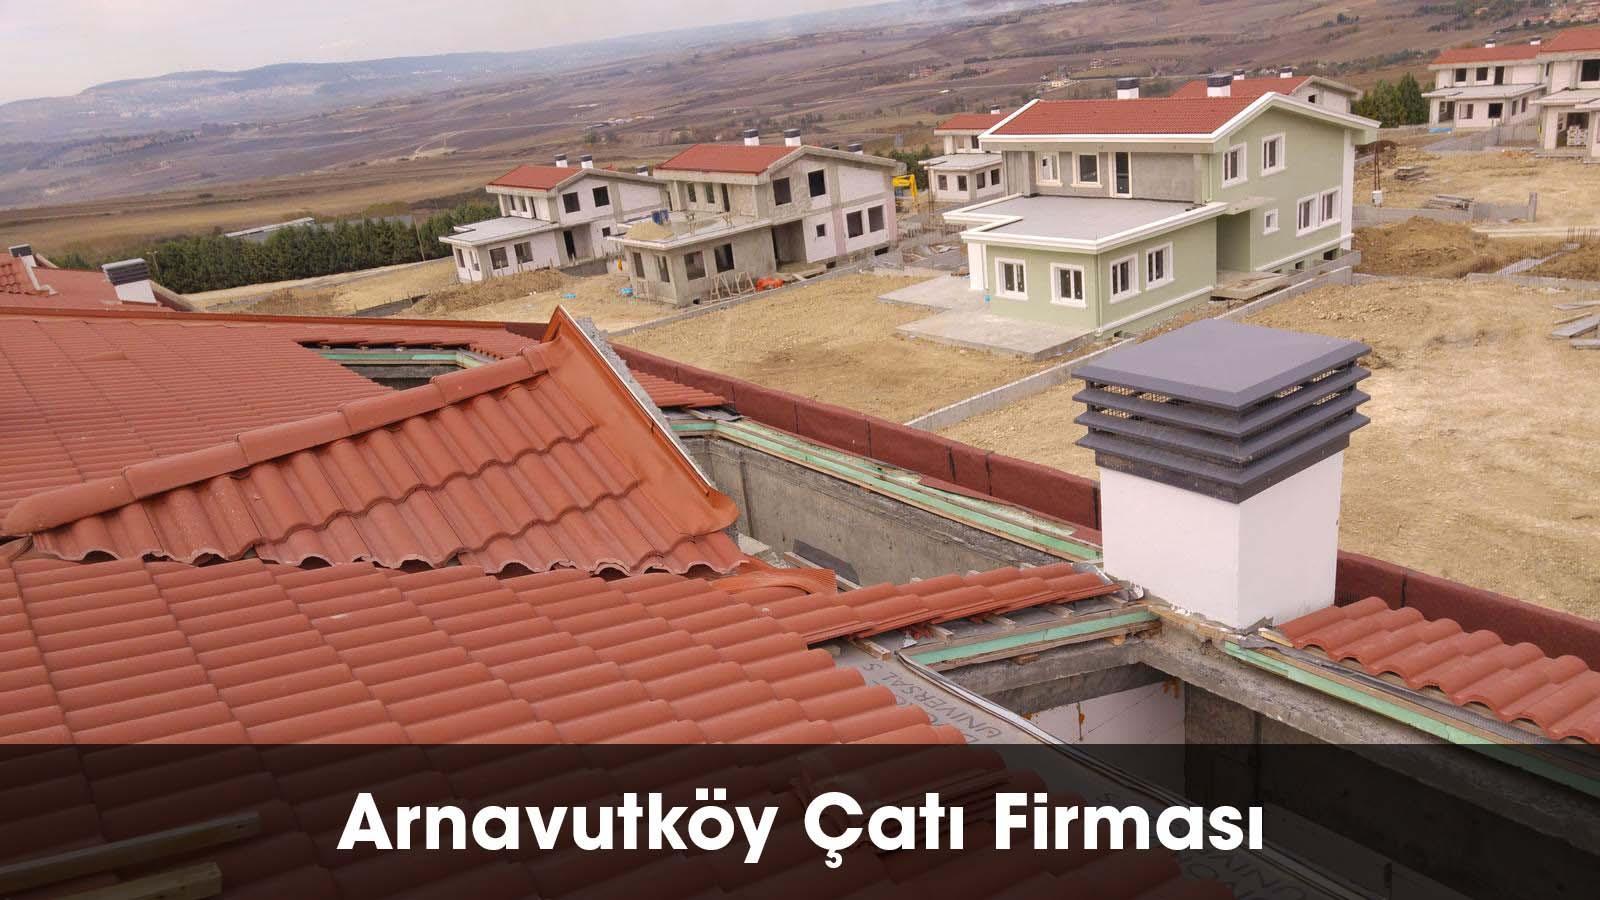 Arnavutköy çatı firması